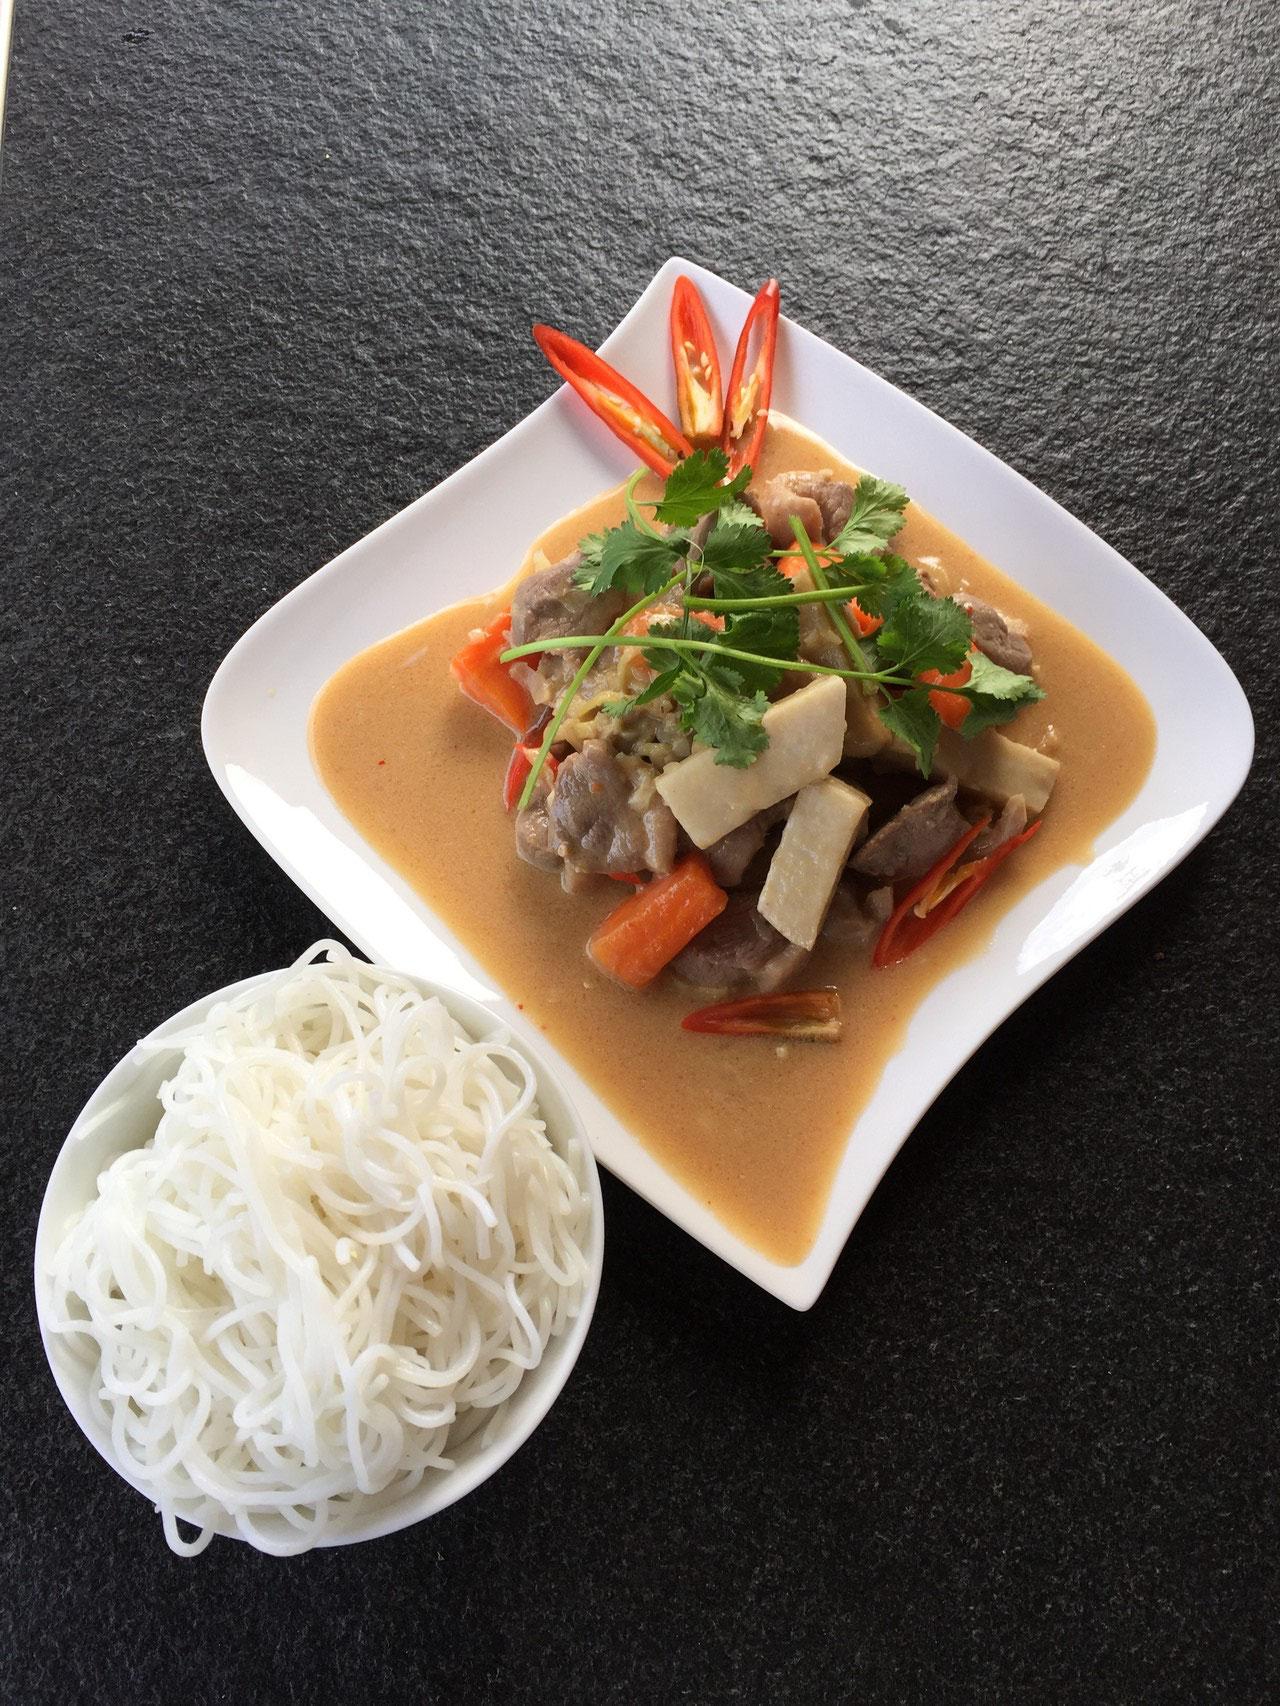 Vit nau chao - Gekochte Entefilet mit feinem gewürzt, Kokoswasser, Kokosmilch und  Gemüse.